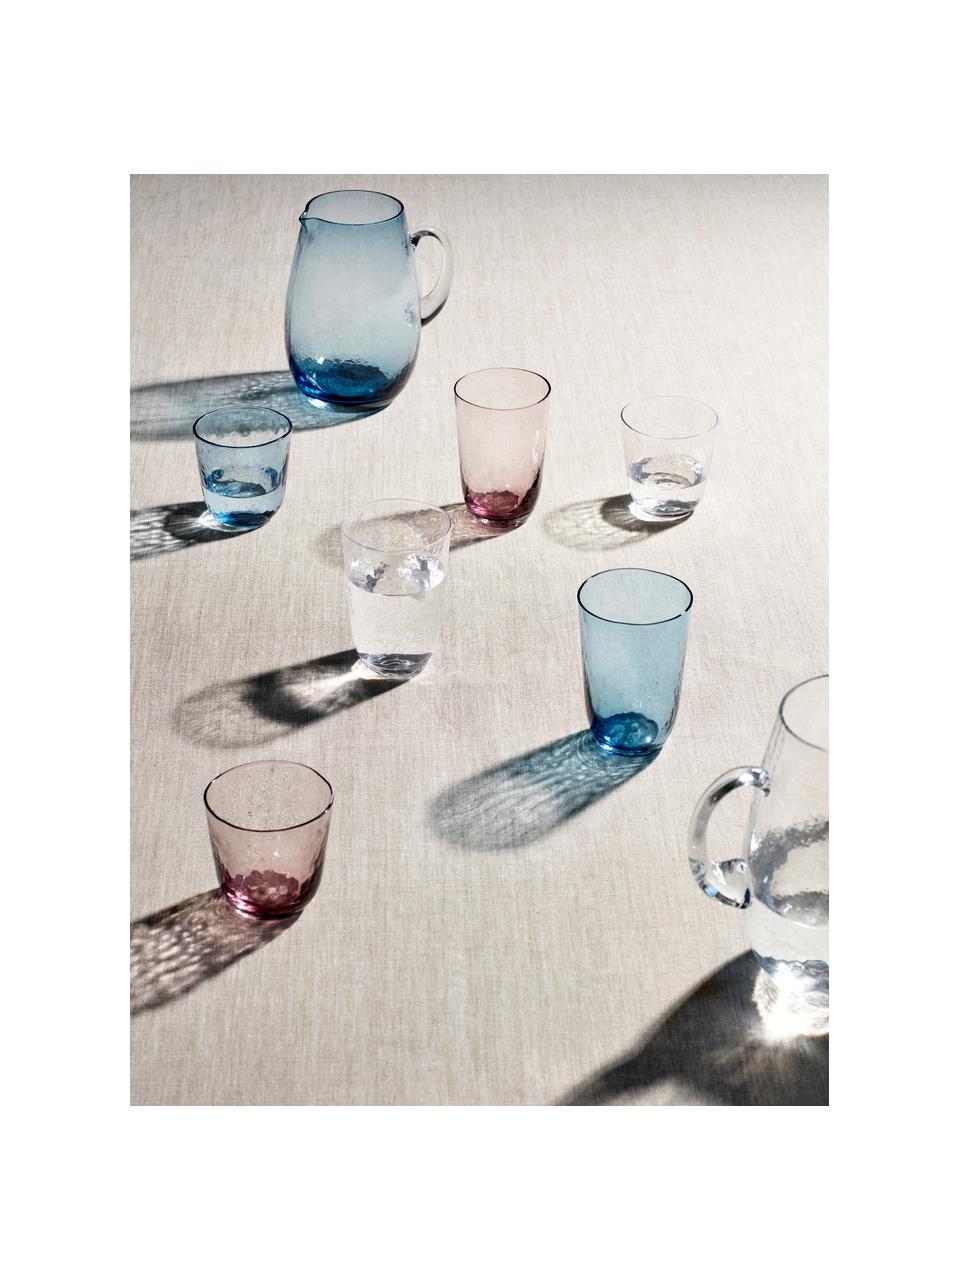 Mundgeblasene Wassergläser Hammered mit unebener Oberfläche, 4 Stück, Glas, mundgeblasen, Blau, transparent, Ø 9 x H 10 cm